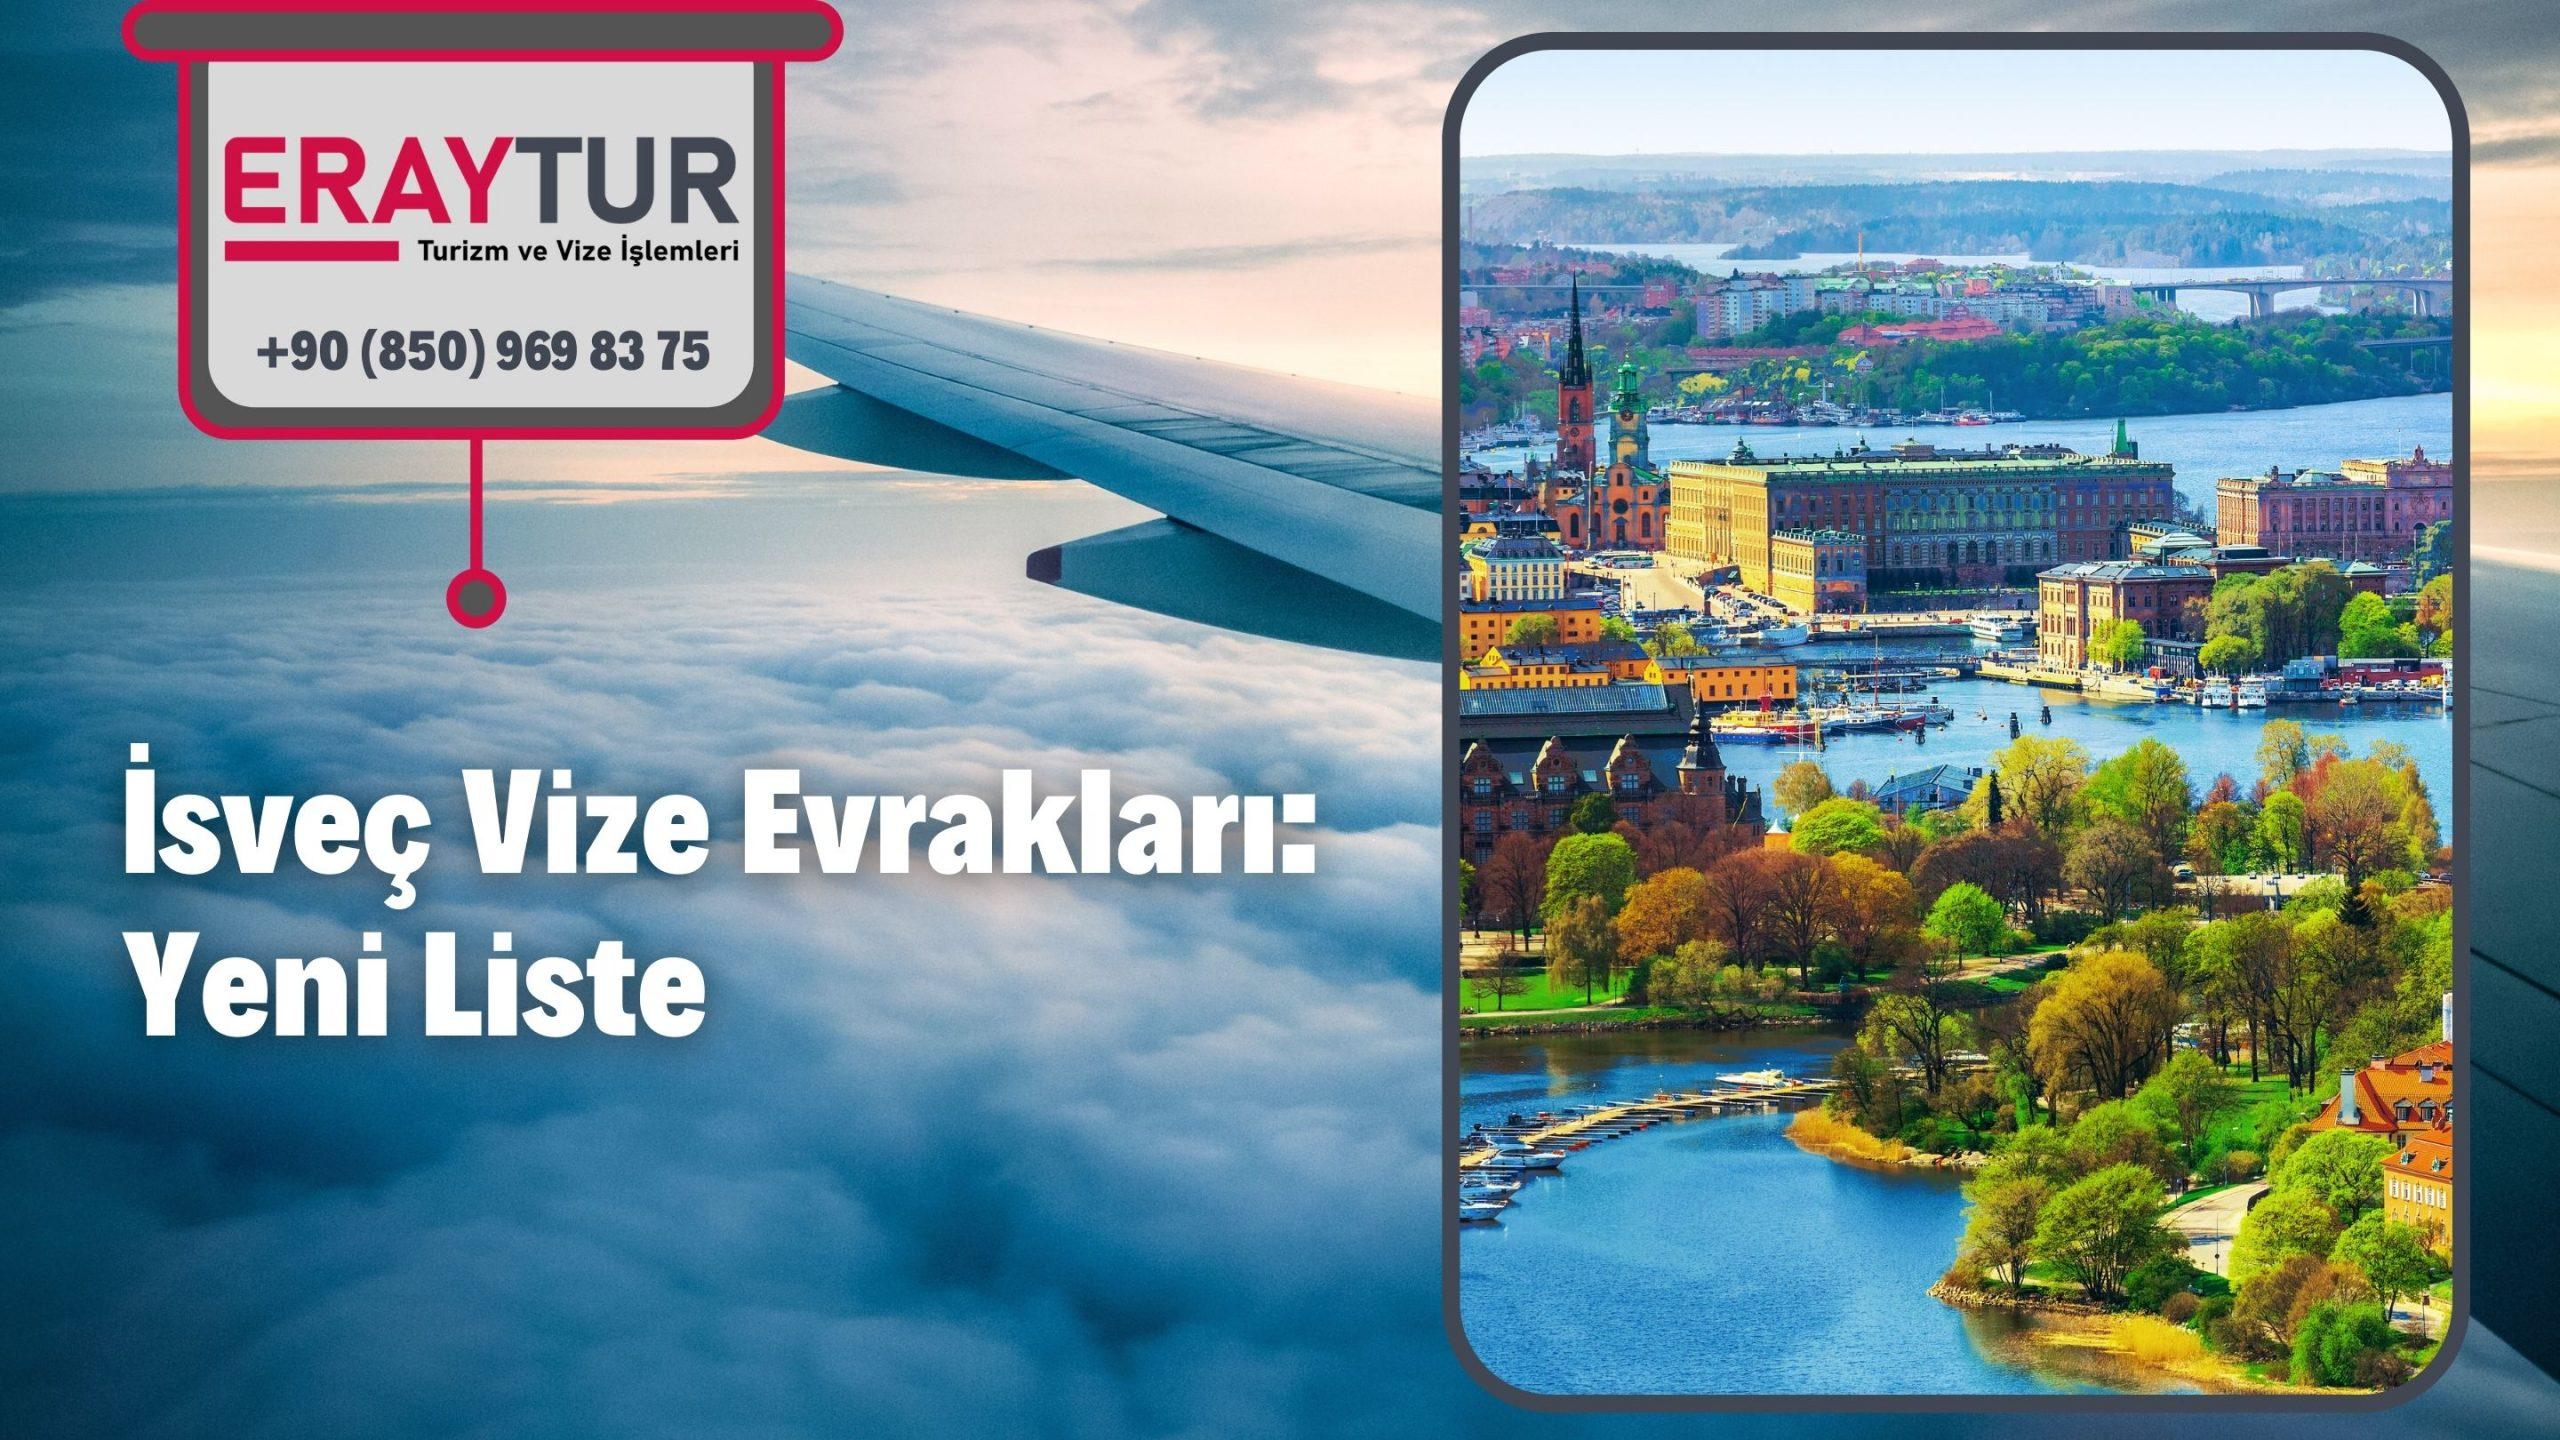 İsveç Vize Evrakları: Yeni Liste [2021]